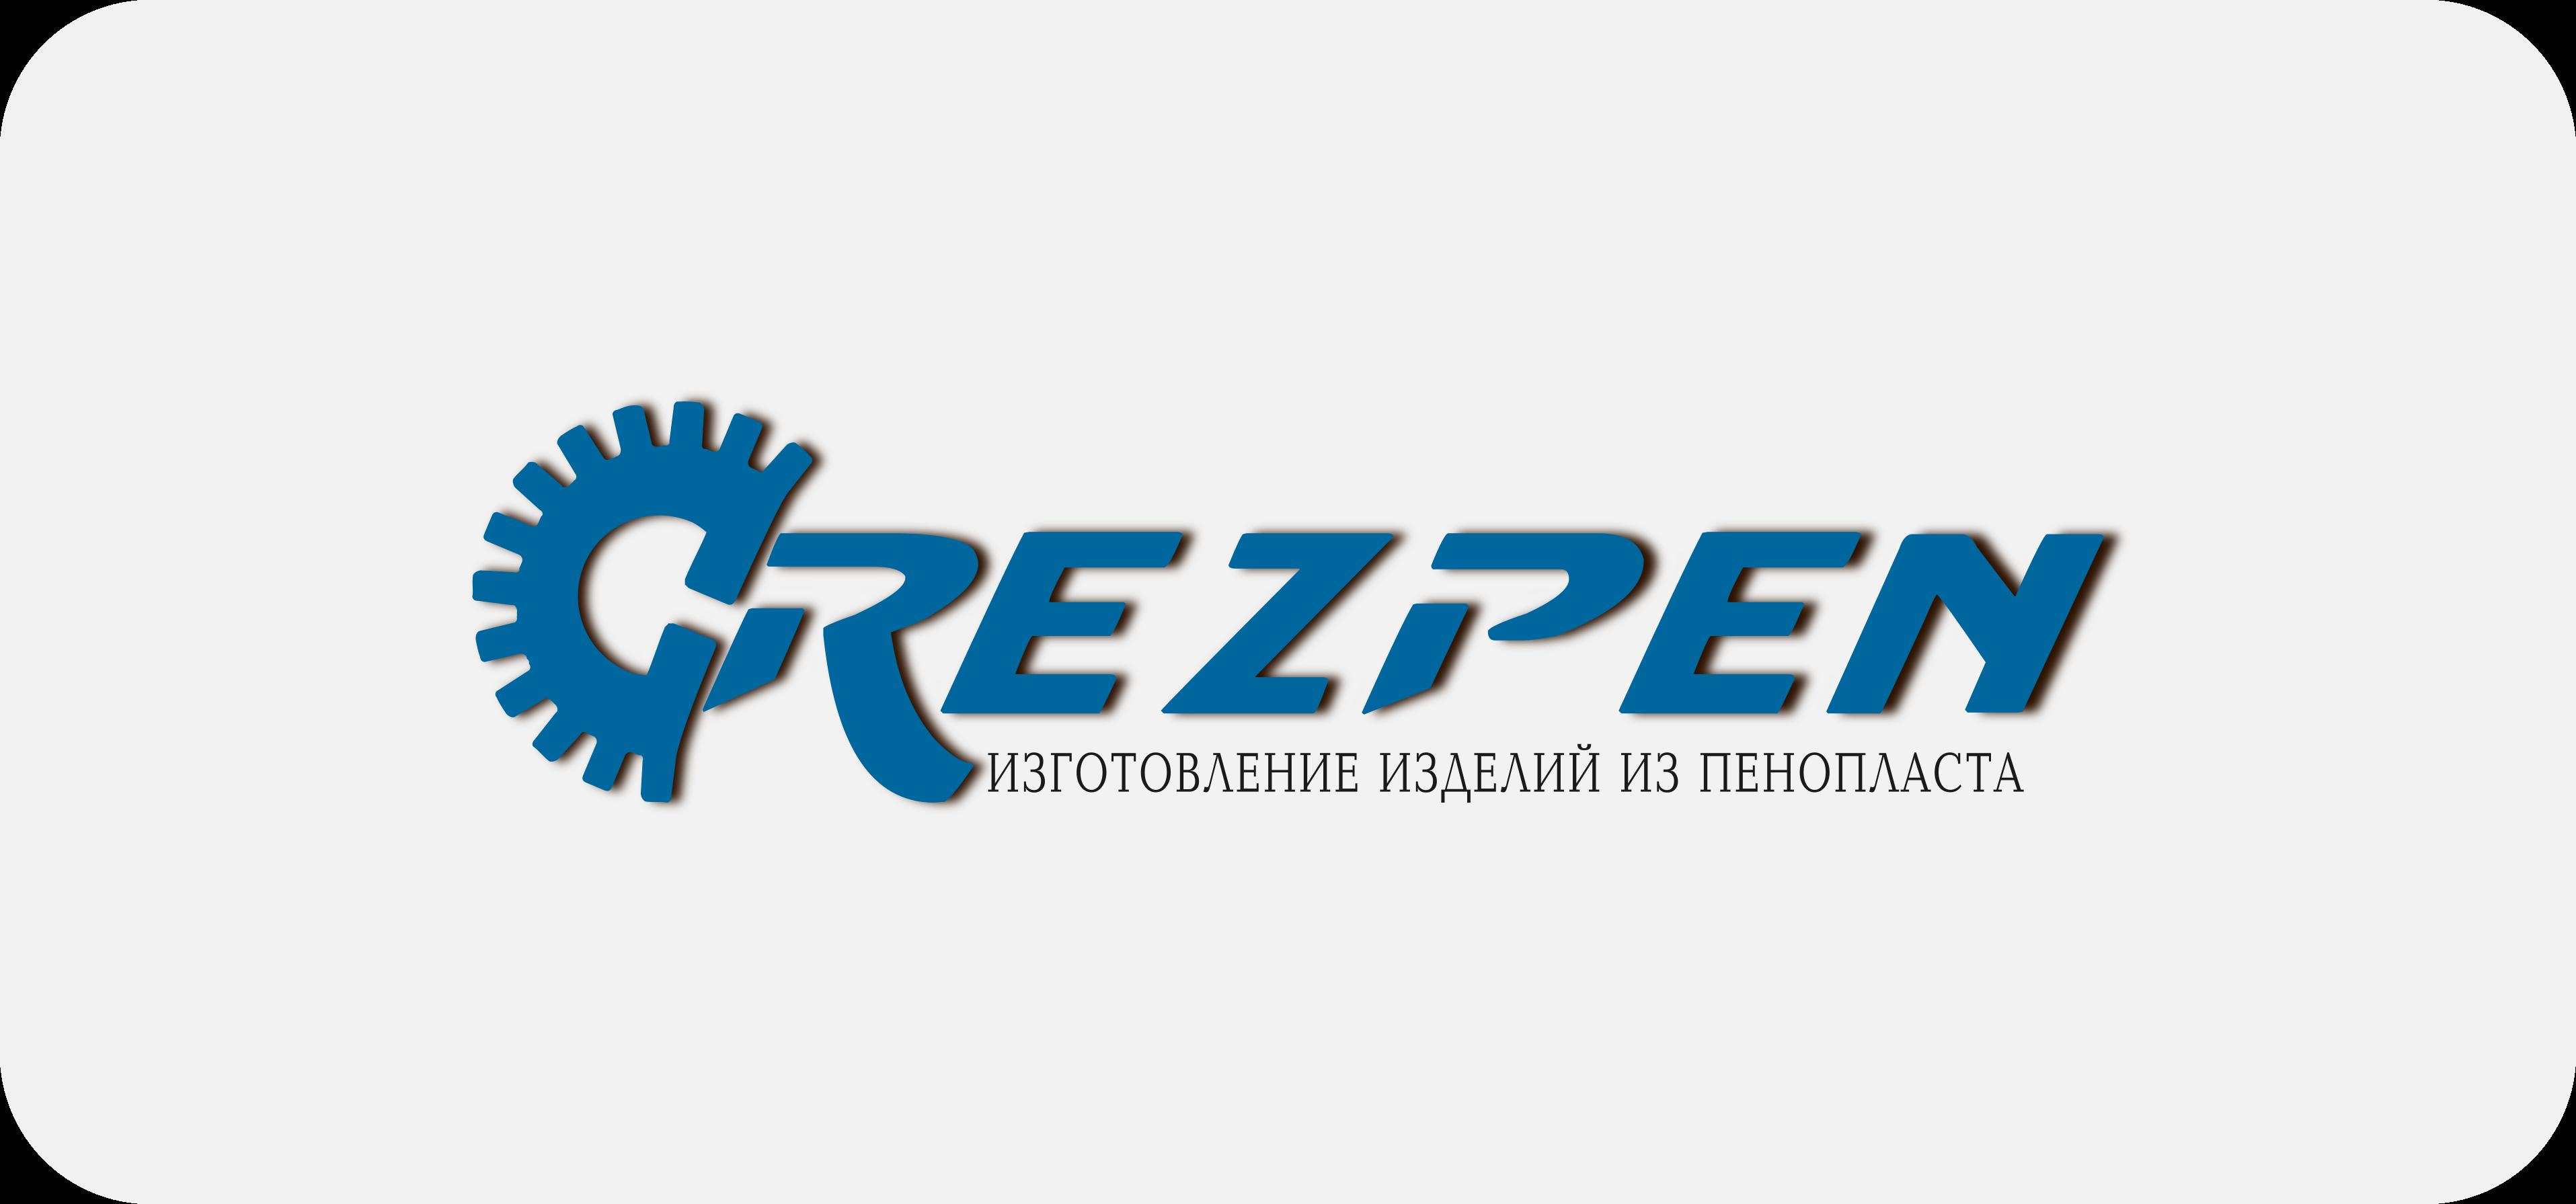 Редизайн логотипа фото f_7255a4d0315ed96d.png